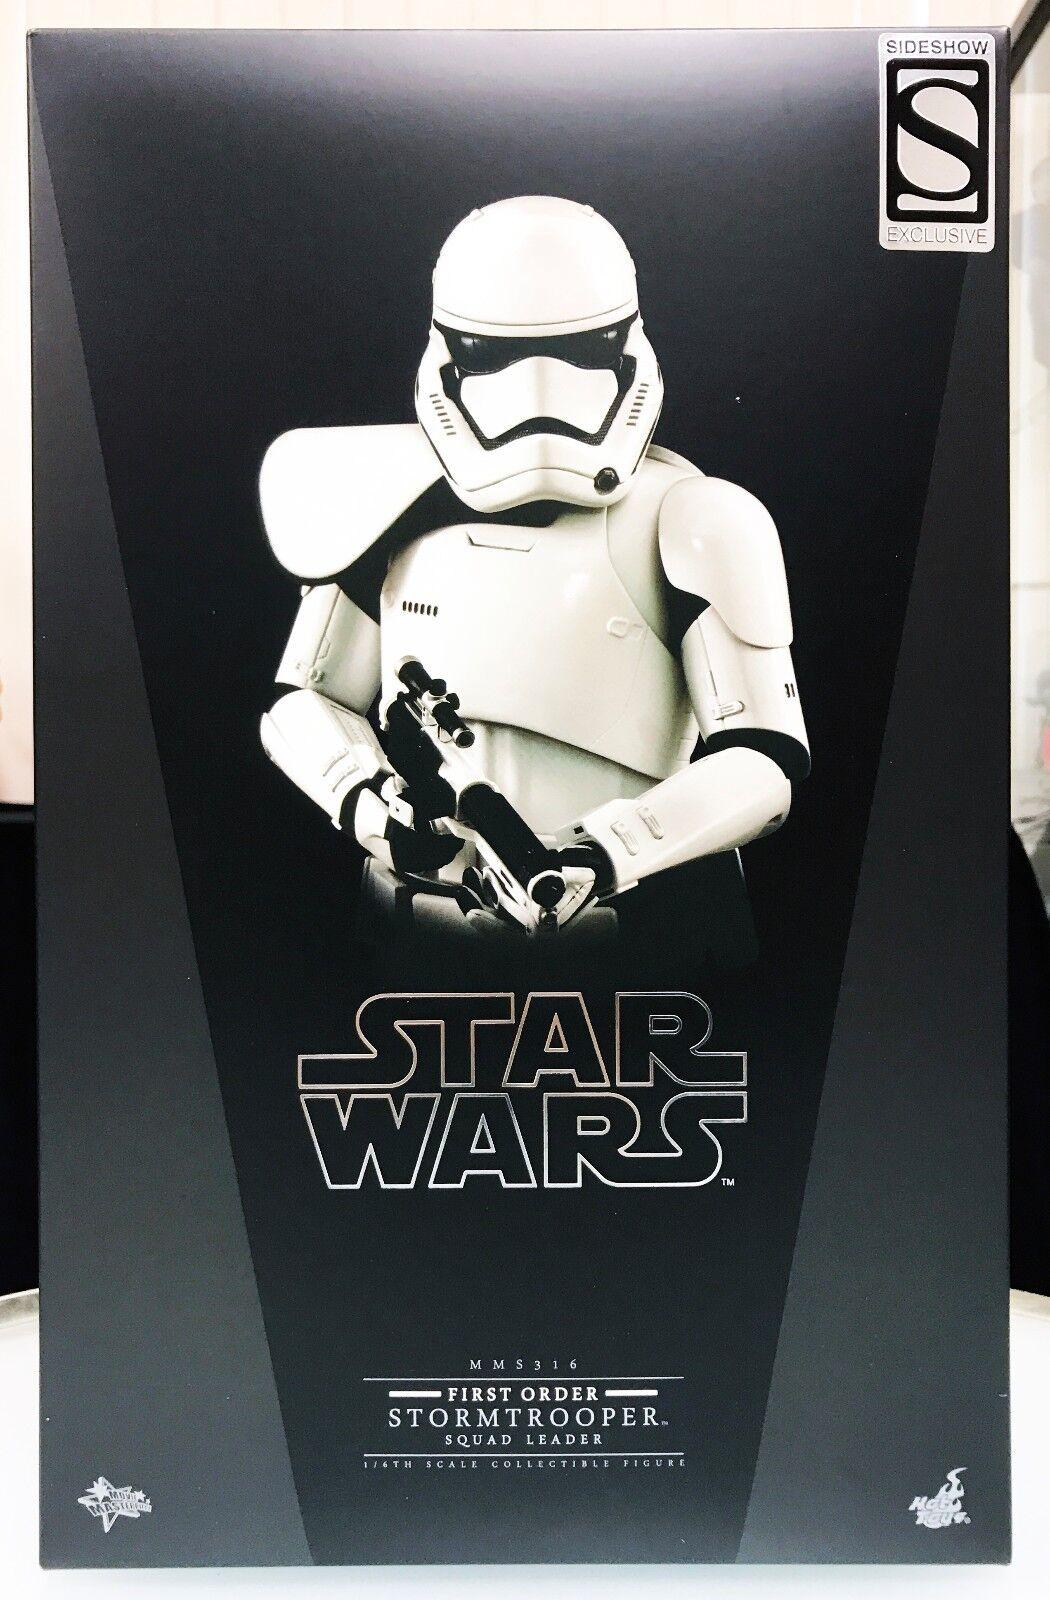 Caliente giocattoli  estrella guerras Force Awakens primero Order Stormtrooper Squad Leader Exclusive  presa